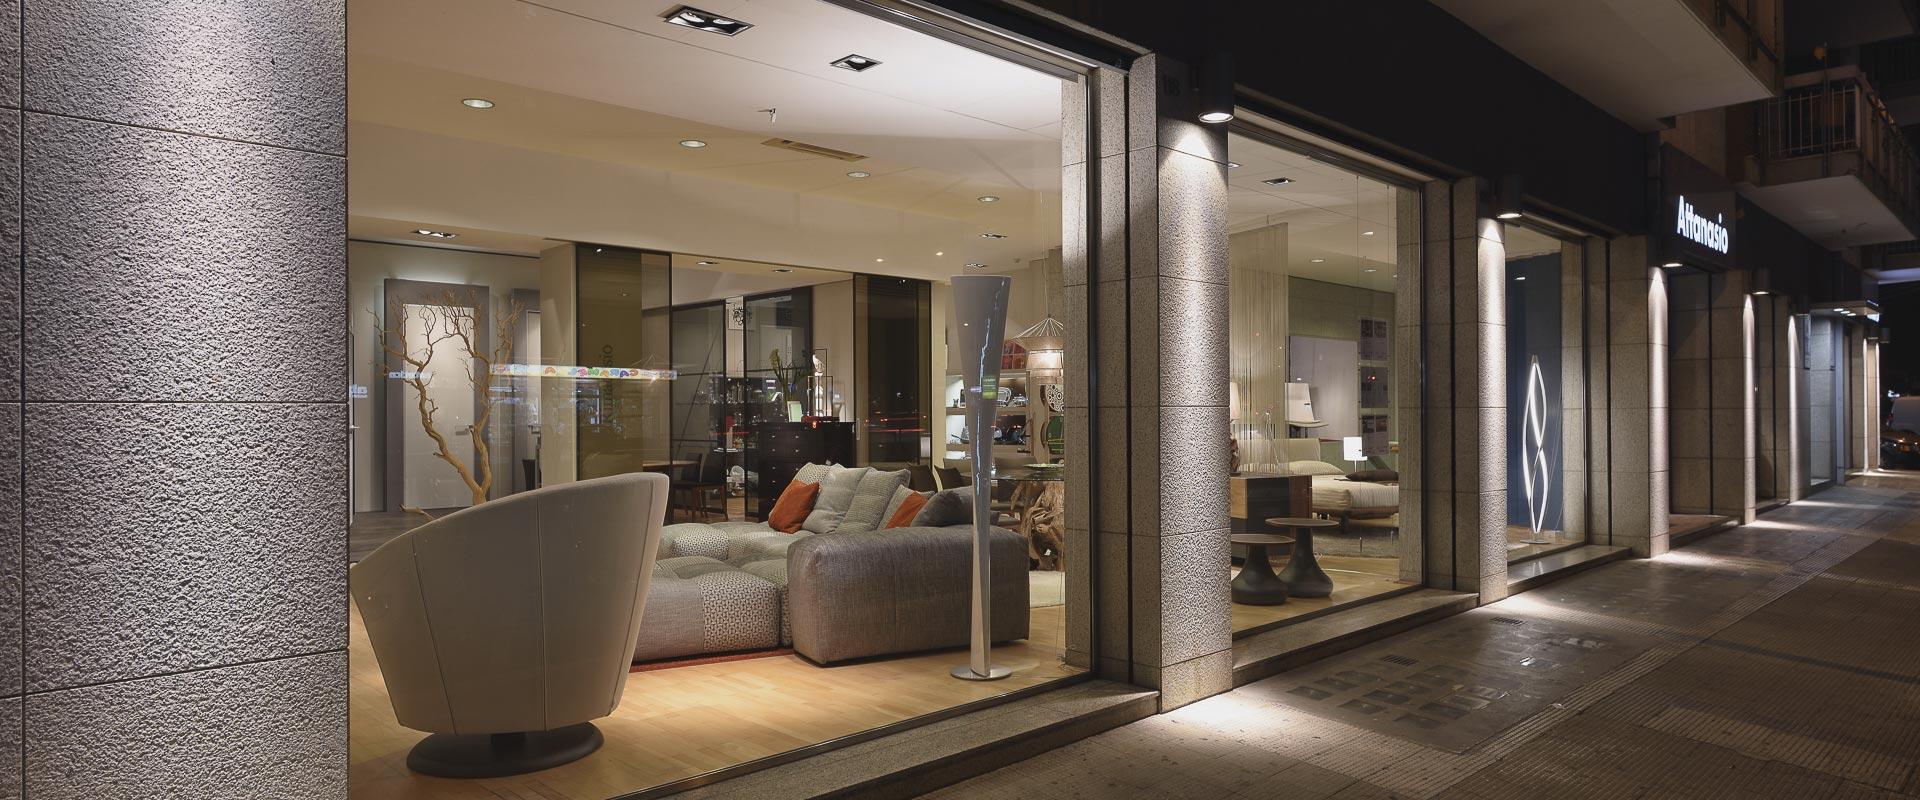 Negozi Arredamento Bari E Provincia attanasio arredamenti – mobili d'arredo moderni